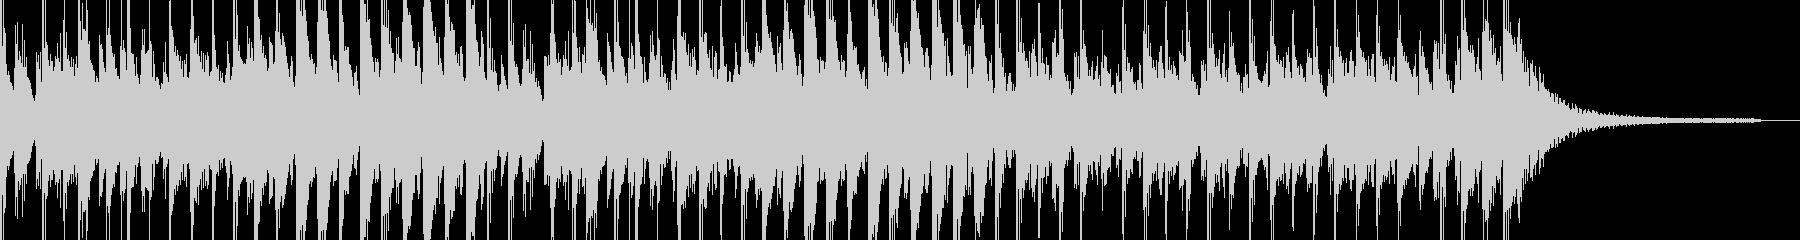 【30秒】上品な商品紹介/チュートリアルの未再生の波形